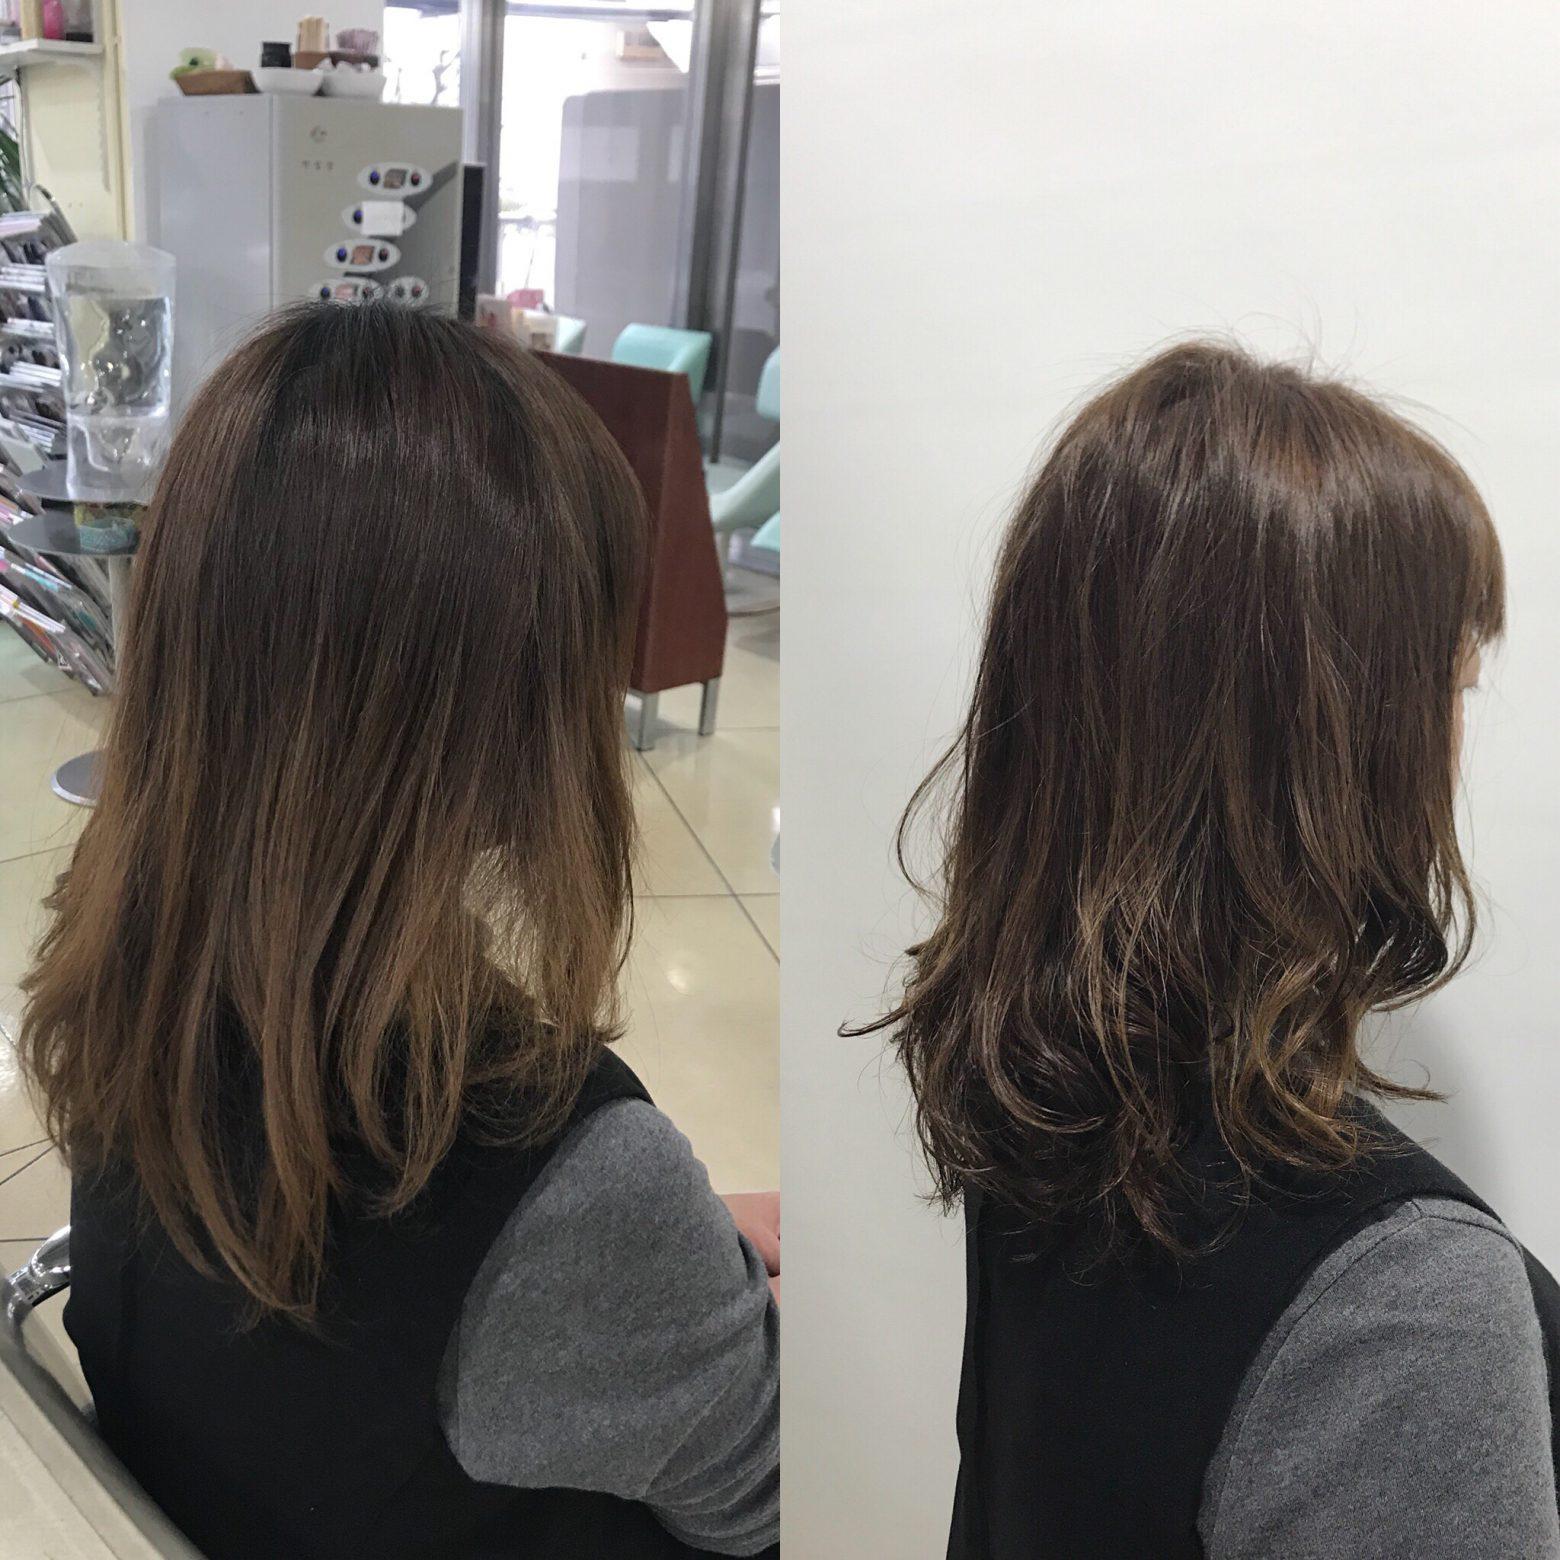 ヘアケアで髪のベースが整ってくると時間を優先できる!パーマとカラーの同日施術!